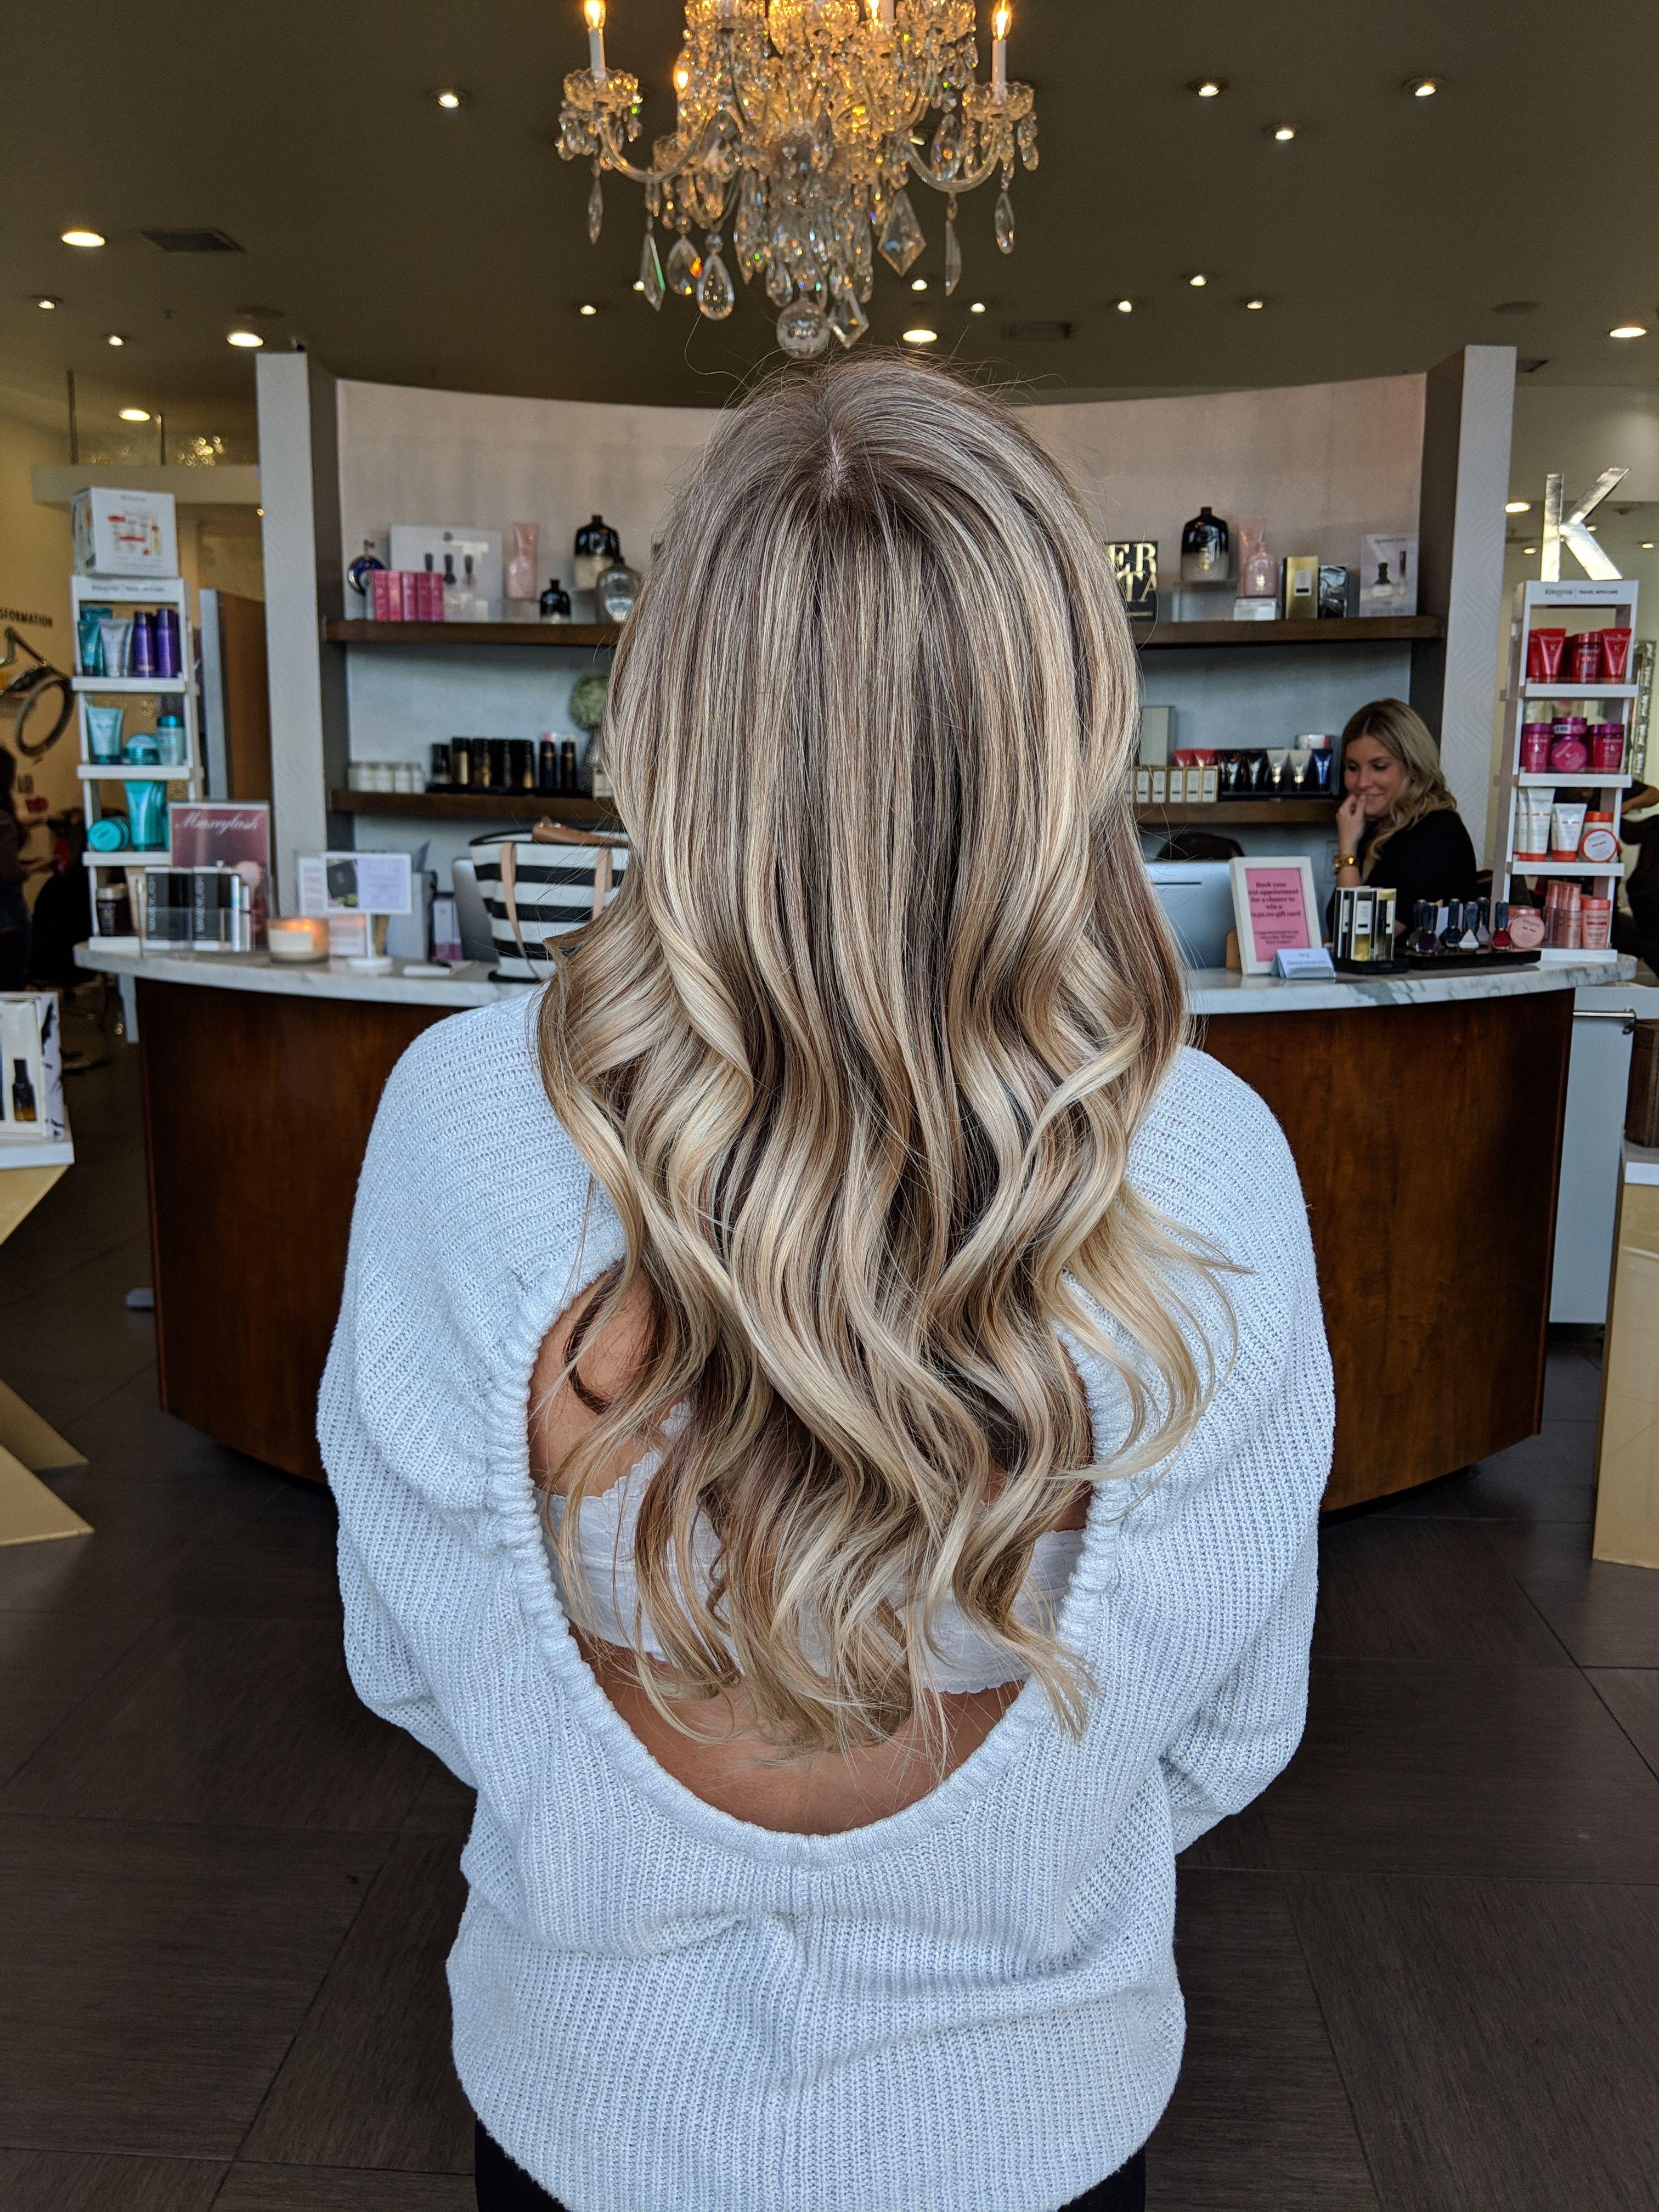 Blonde balayage with waves Blonde balayage, Hair